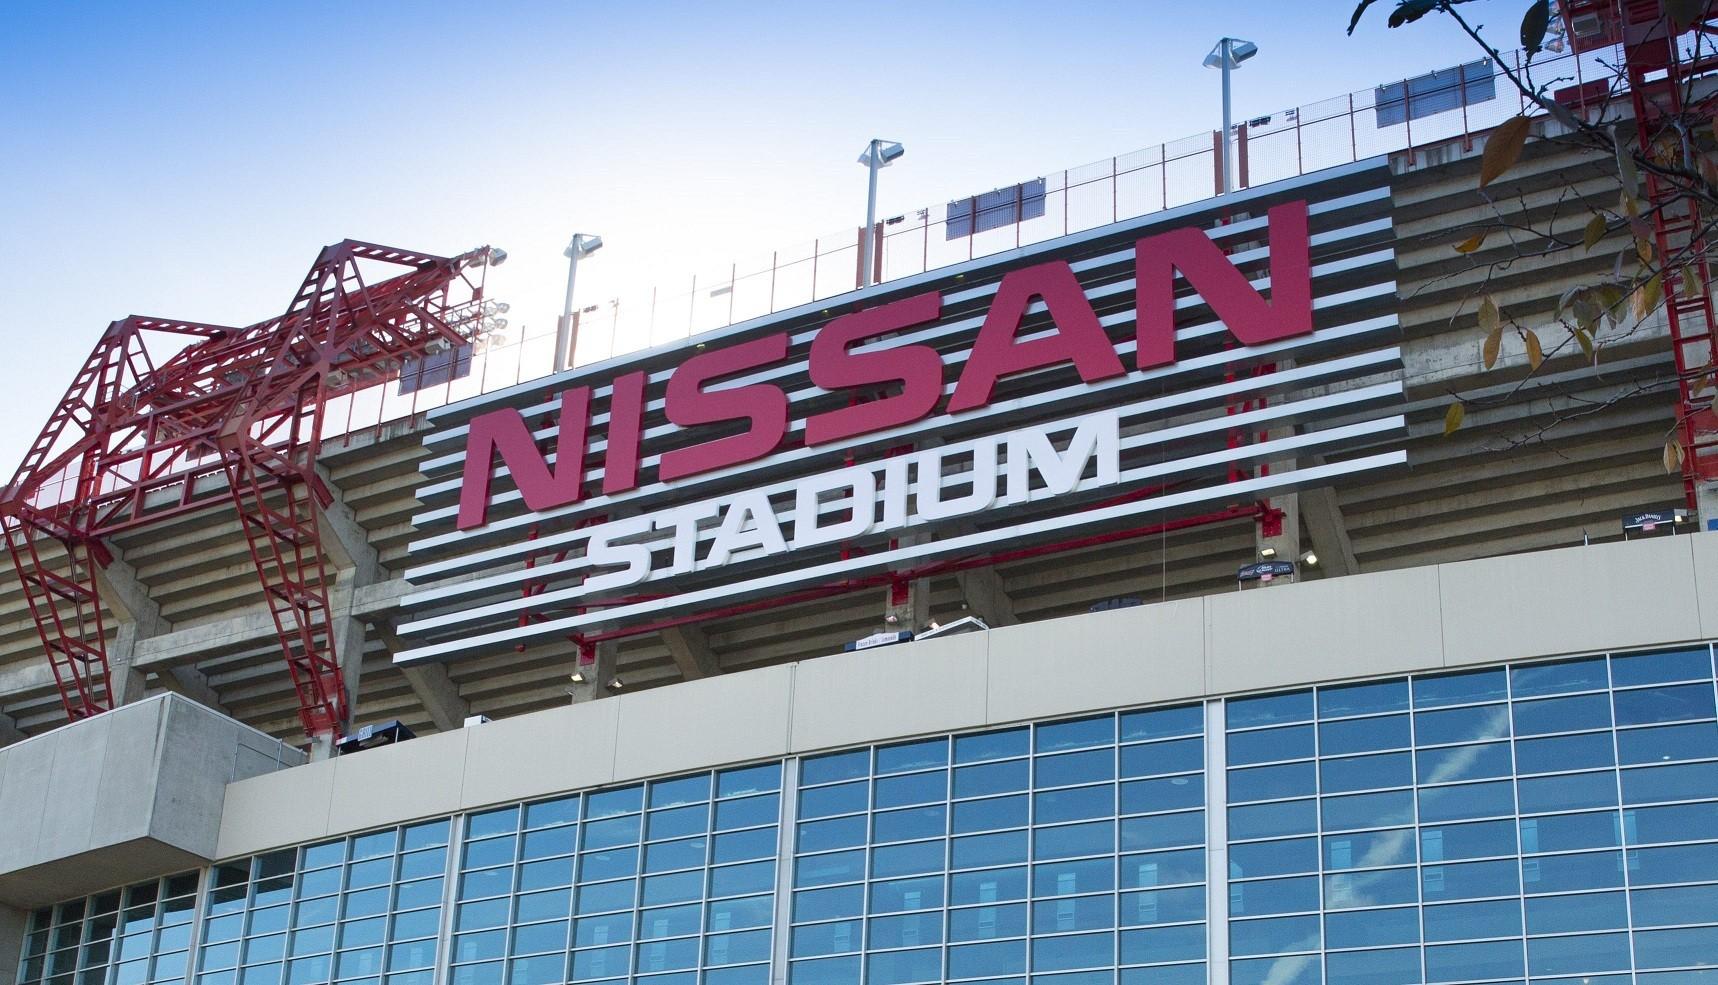 """Nissan renueva la imagen del estadio de los Titanes de Tennessee, ahora llamado """"Estadio Nissan"""""""